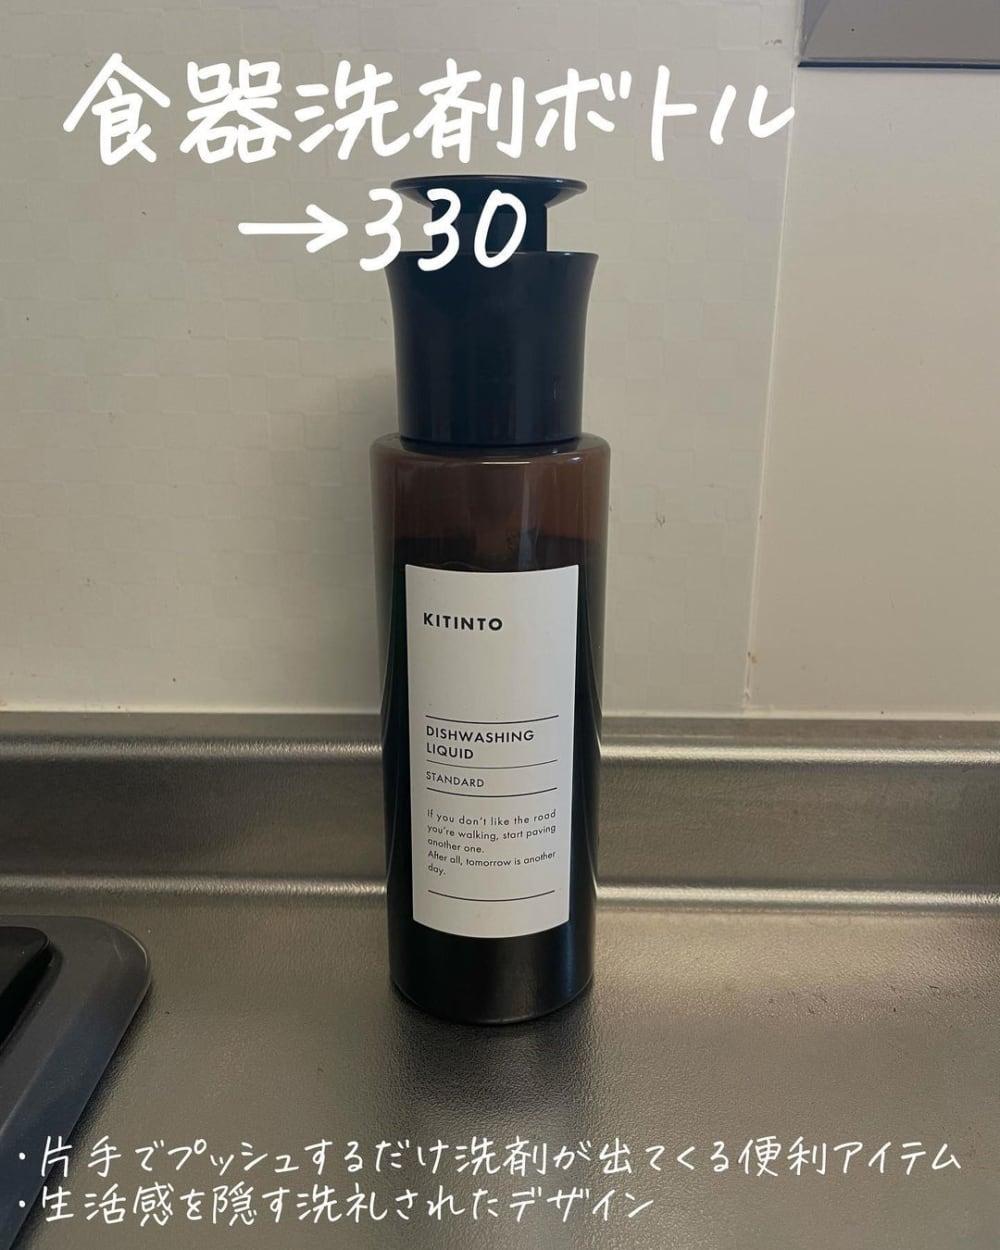 スリーコインズの食器洗剤ボトルの写真